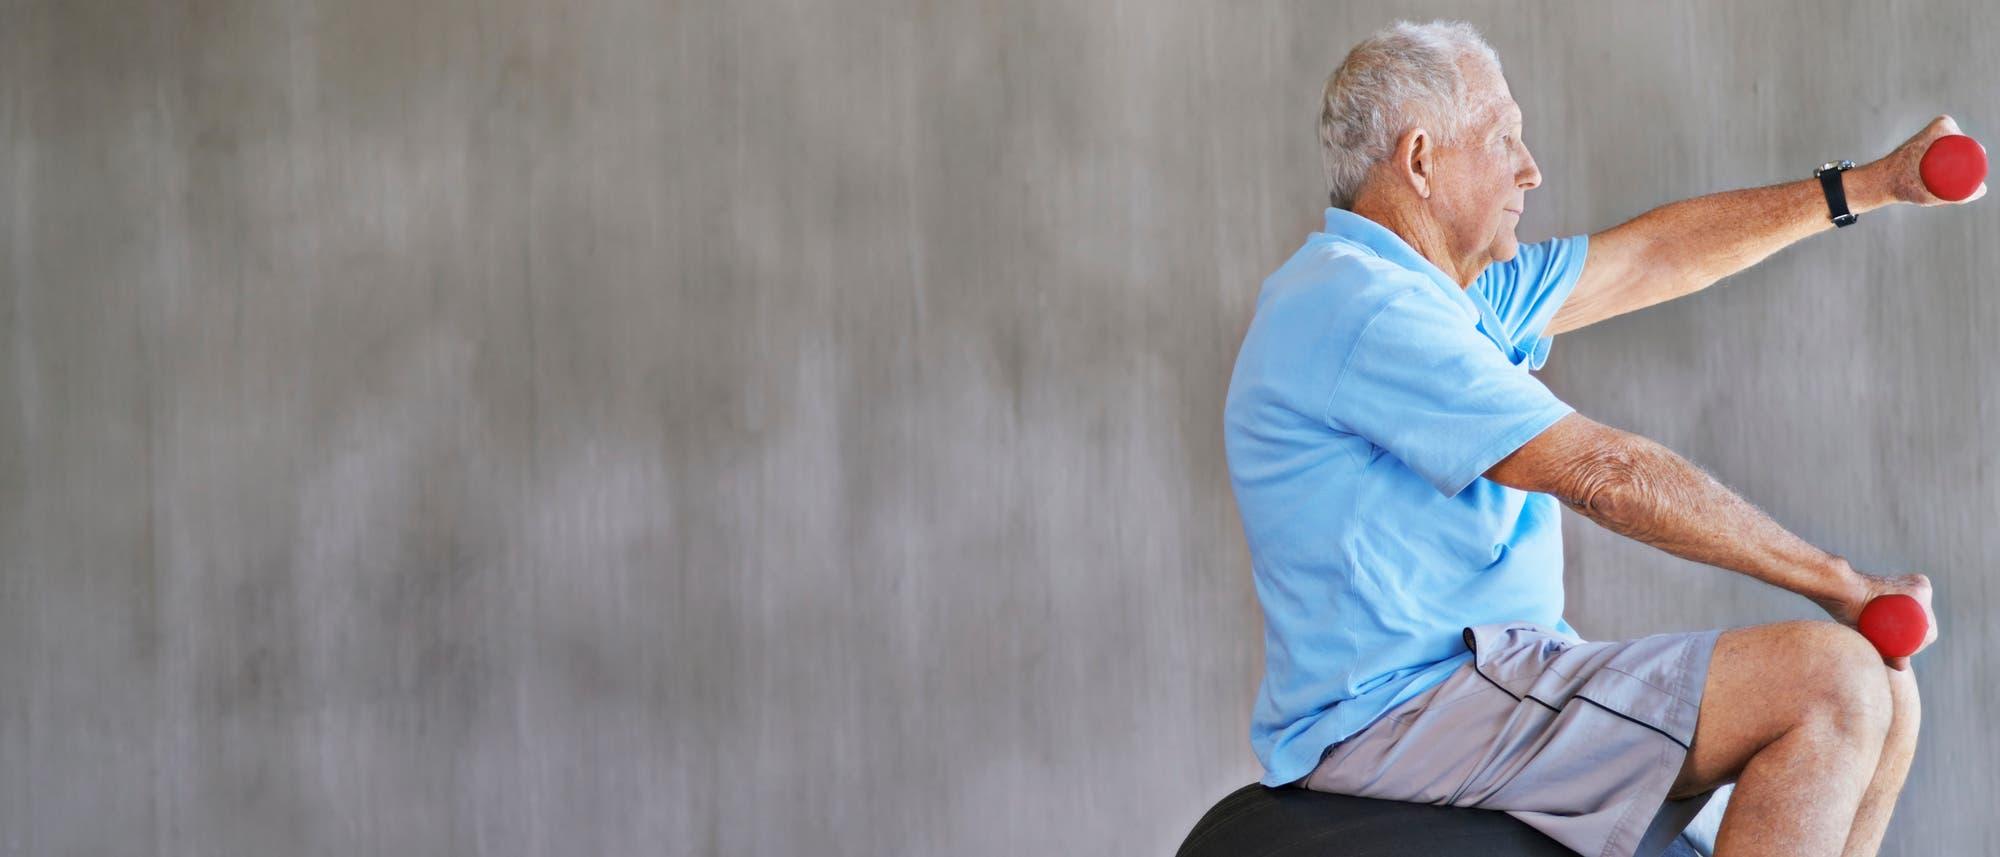 Ein älterer Mann sitzt auf einem Gymnastikball und trainiert mit Kurzhanteln.